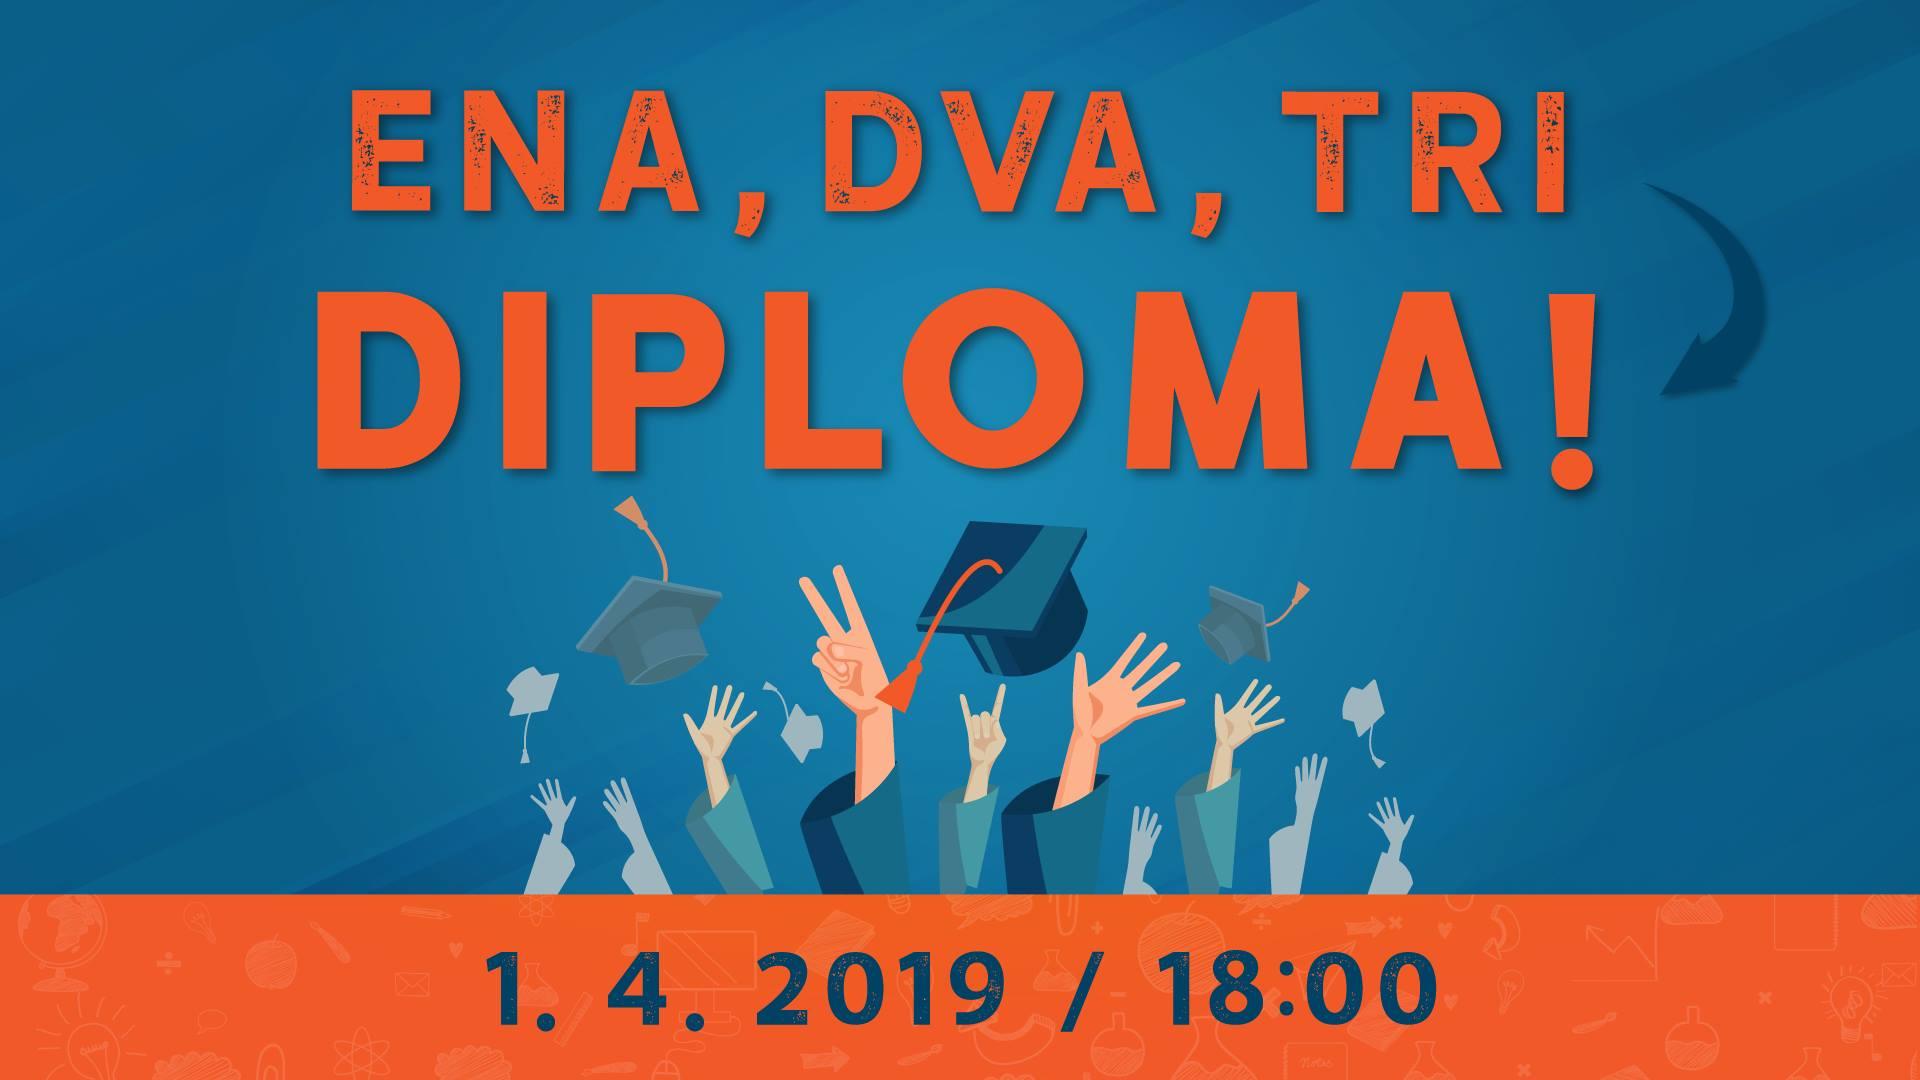 Ena dva ti diploma